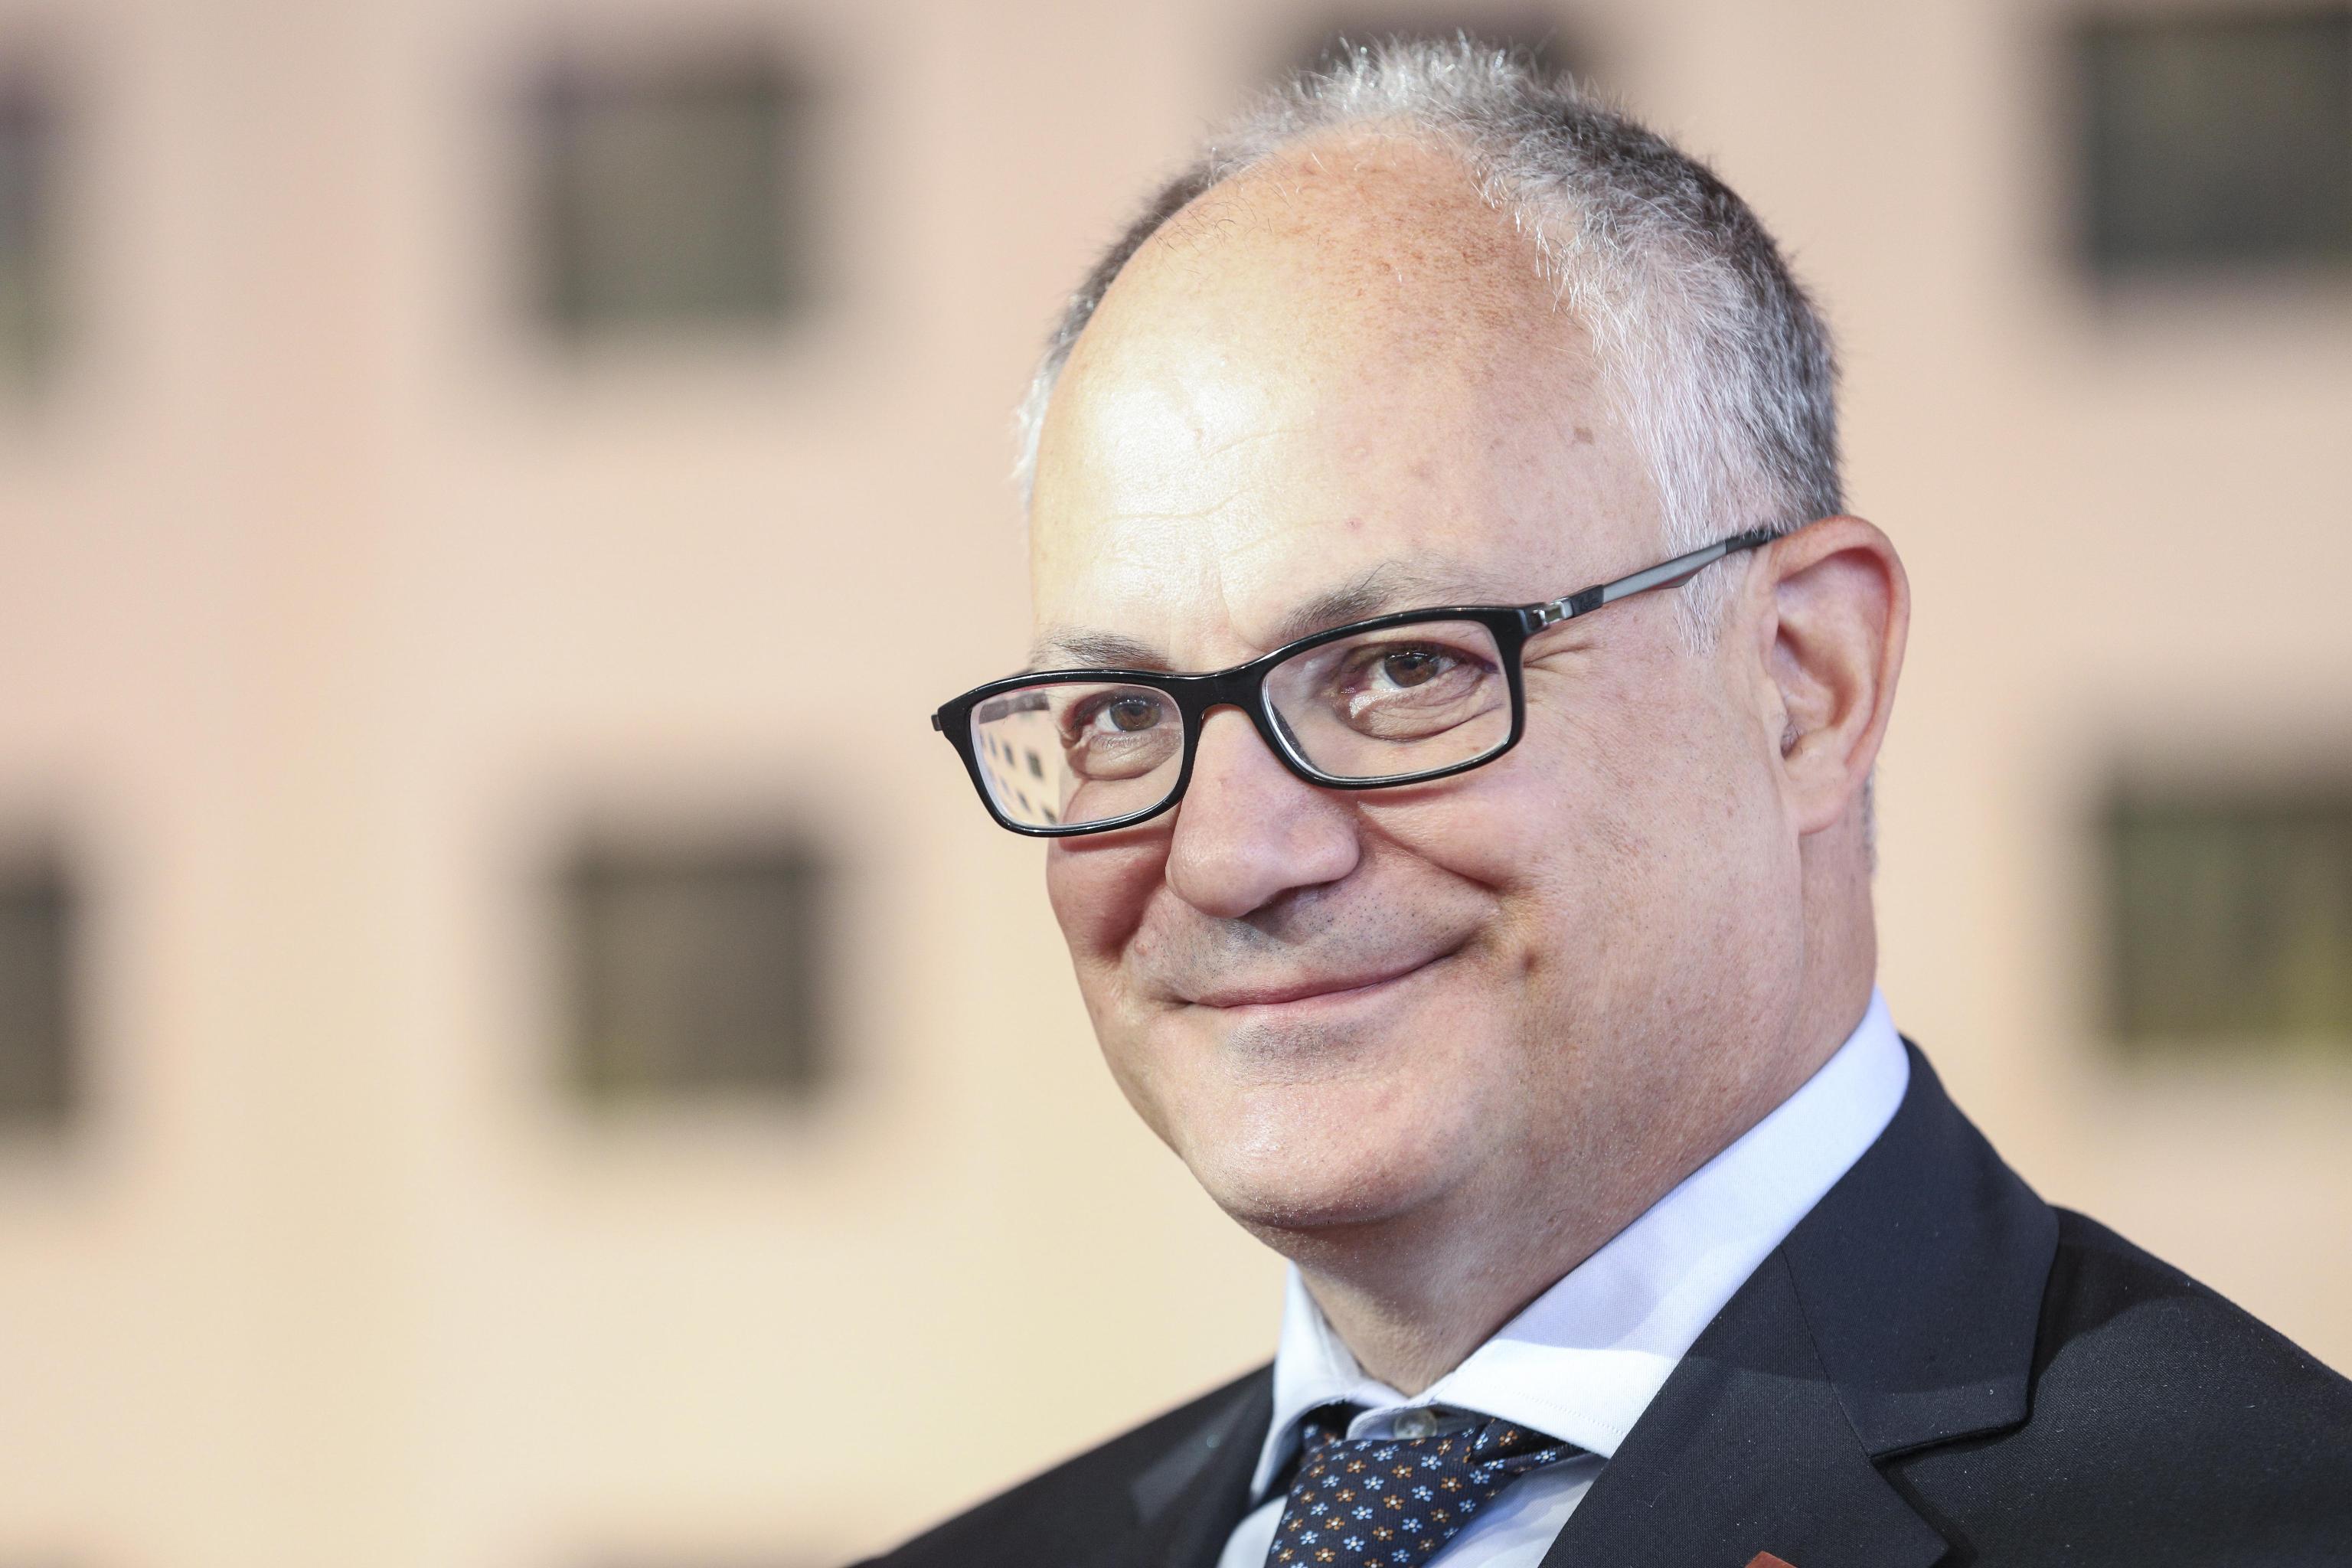 Totoministri: ai 5s l innovazione, anche Leu nella compagine di governo